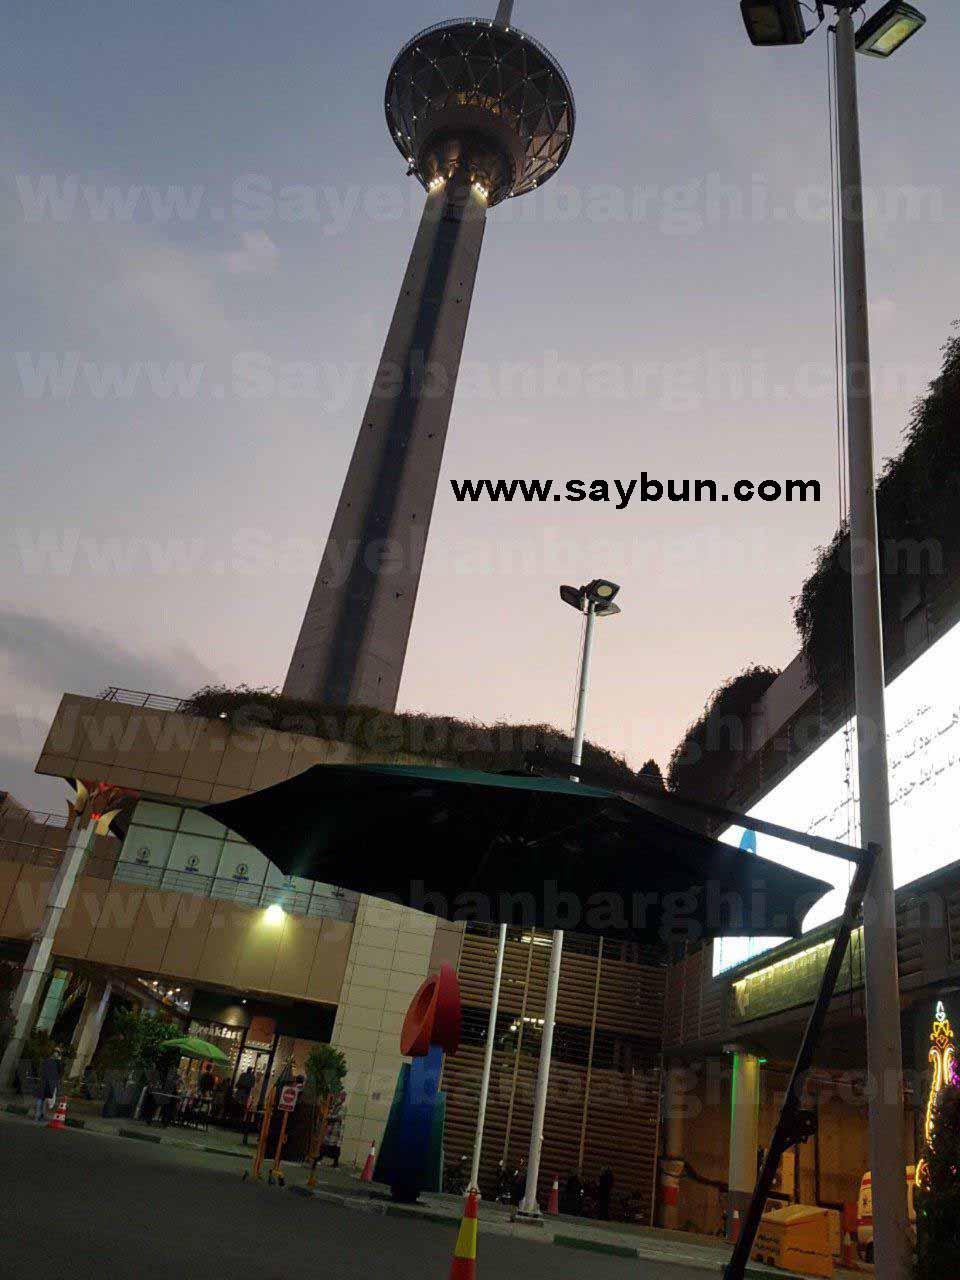 نصب سایبان چتری در محل نگهبانی - برج میلاد تهران سایبان متین